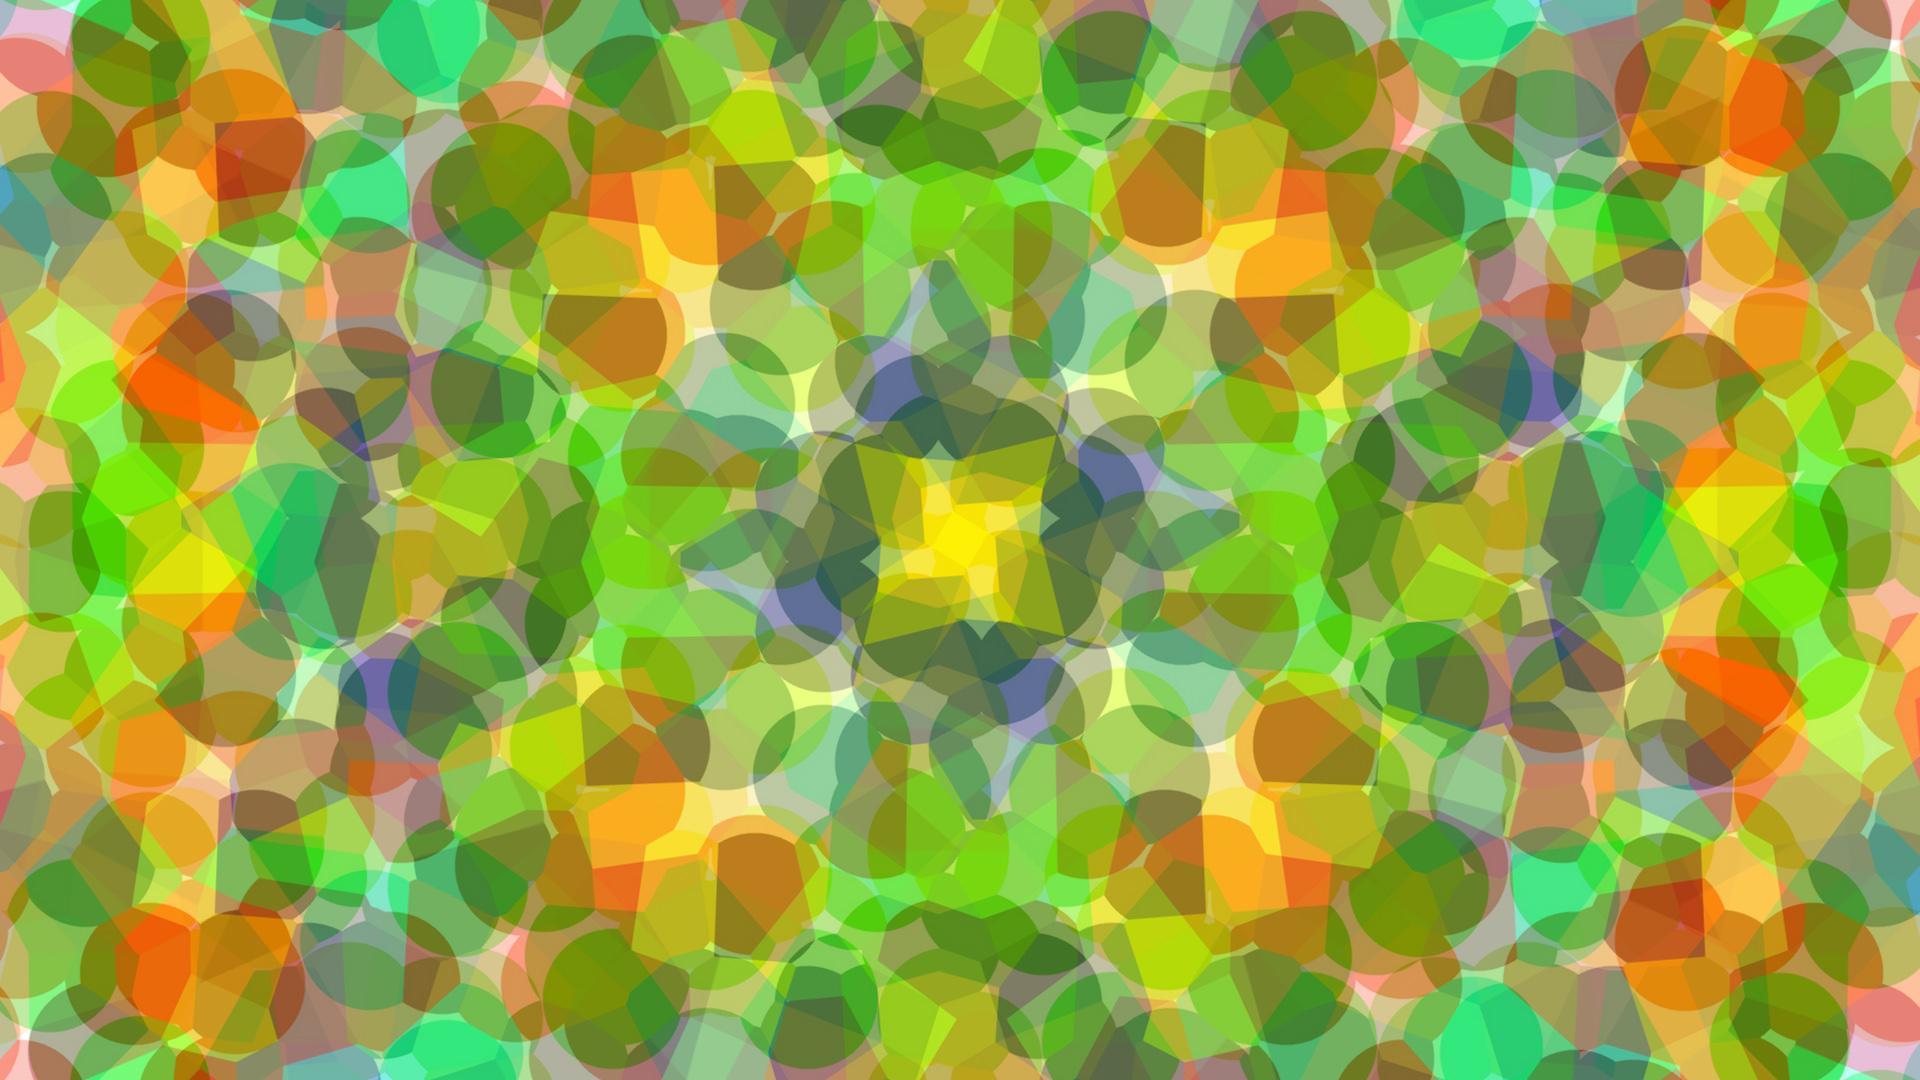 Colors Gradient Shapes 1920x1080